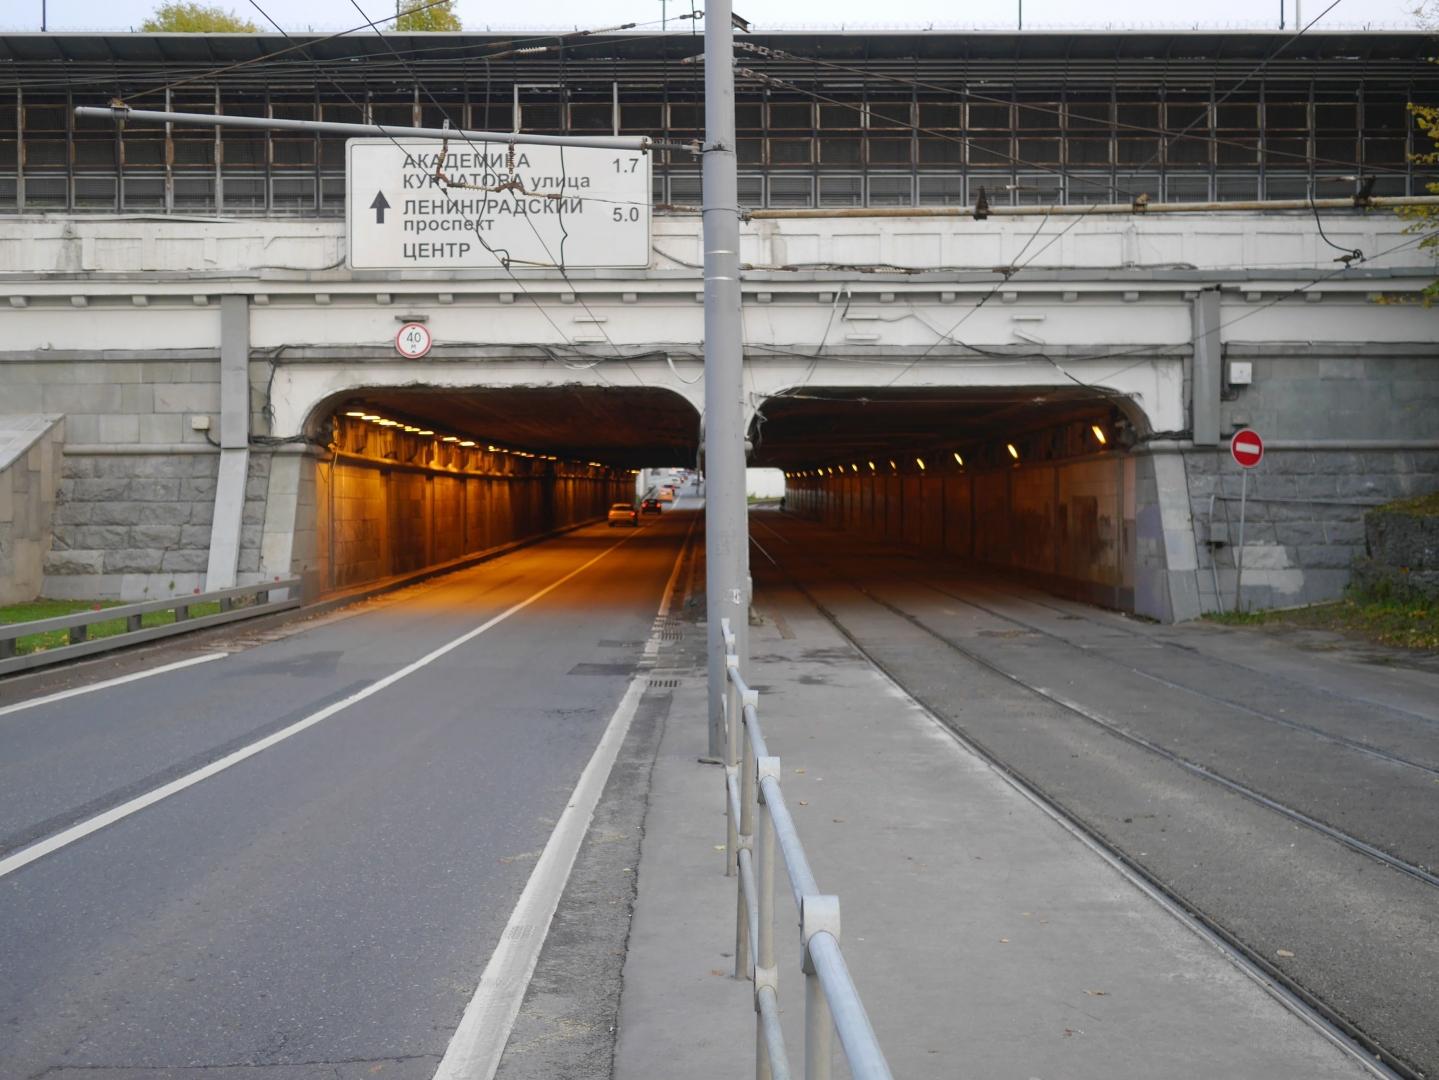 Порталы тоннелей сталинского времени, потерявшие аутентичность в 2003 году. Снимок октября 2017